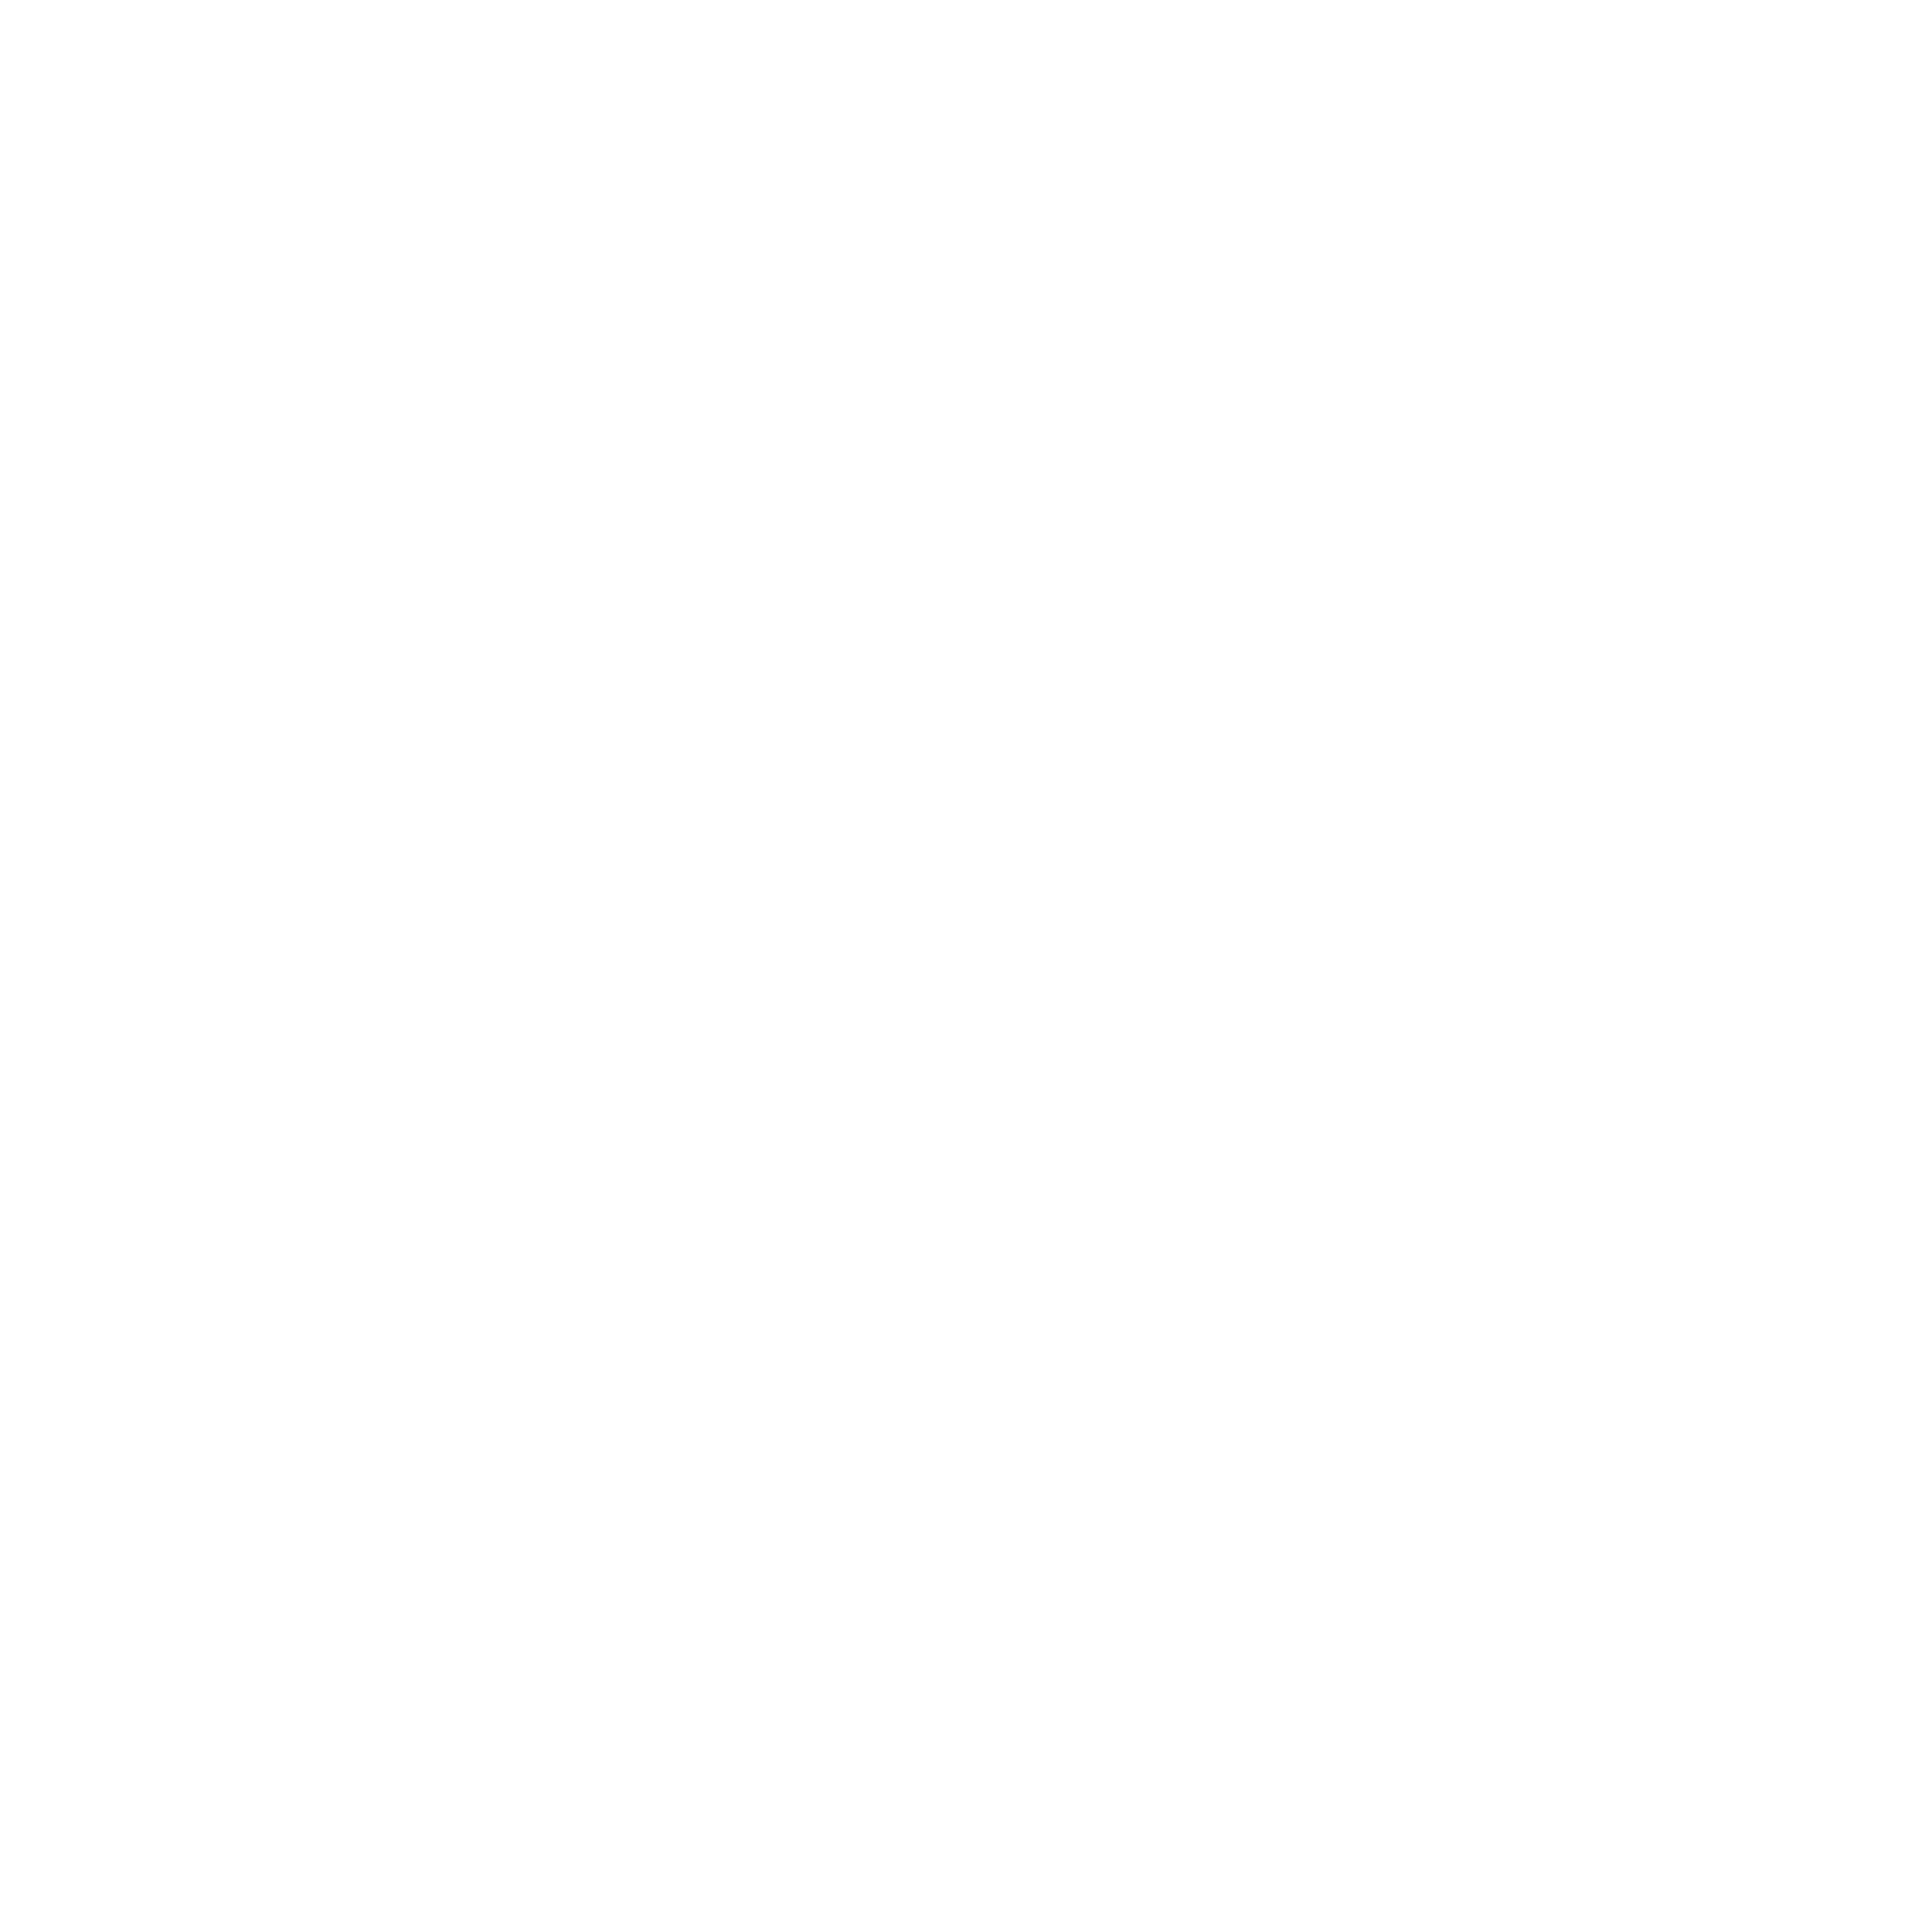 Logotype_01-01.png